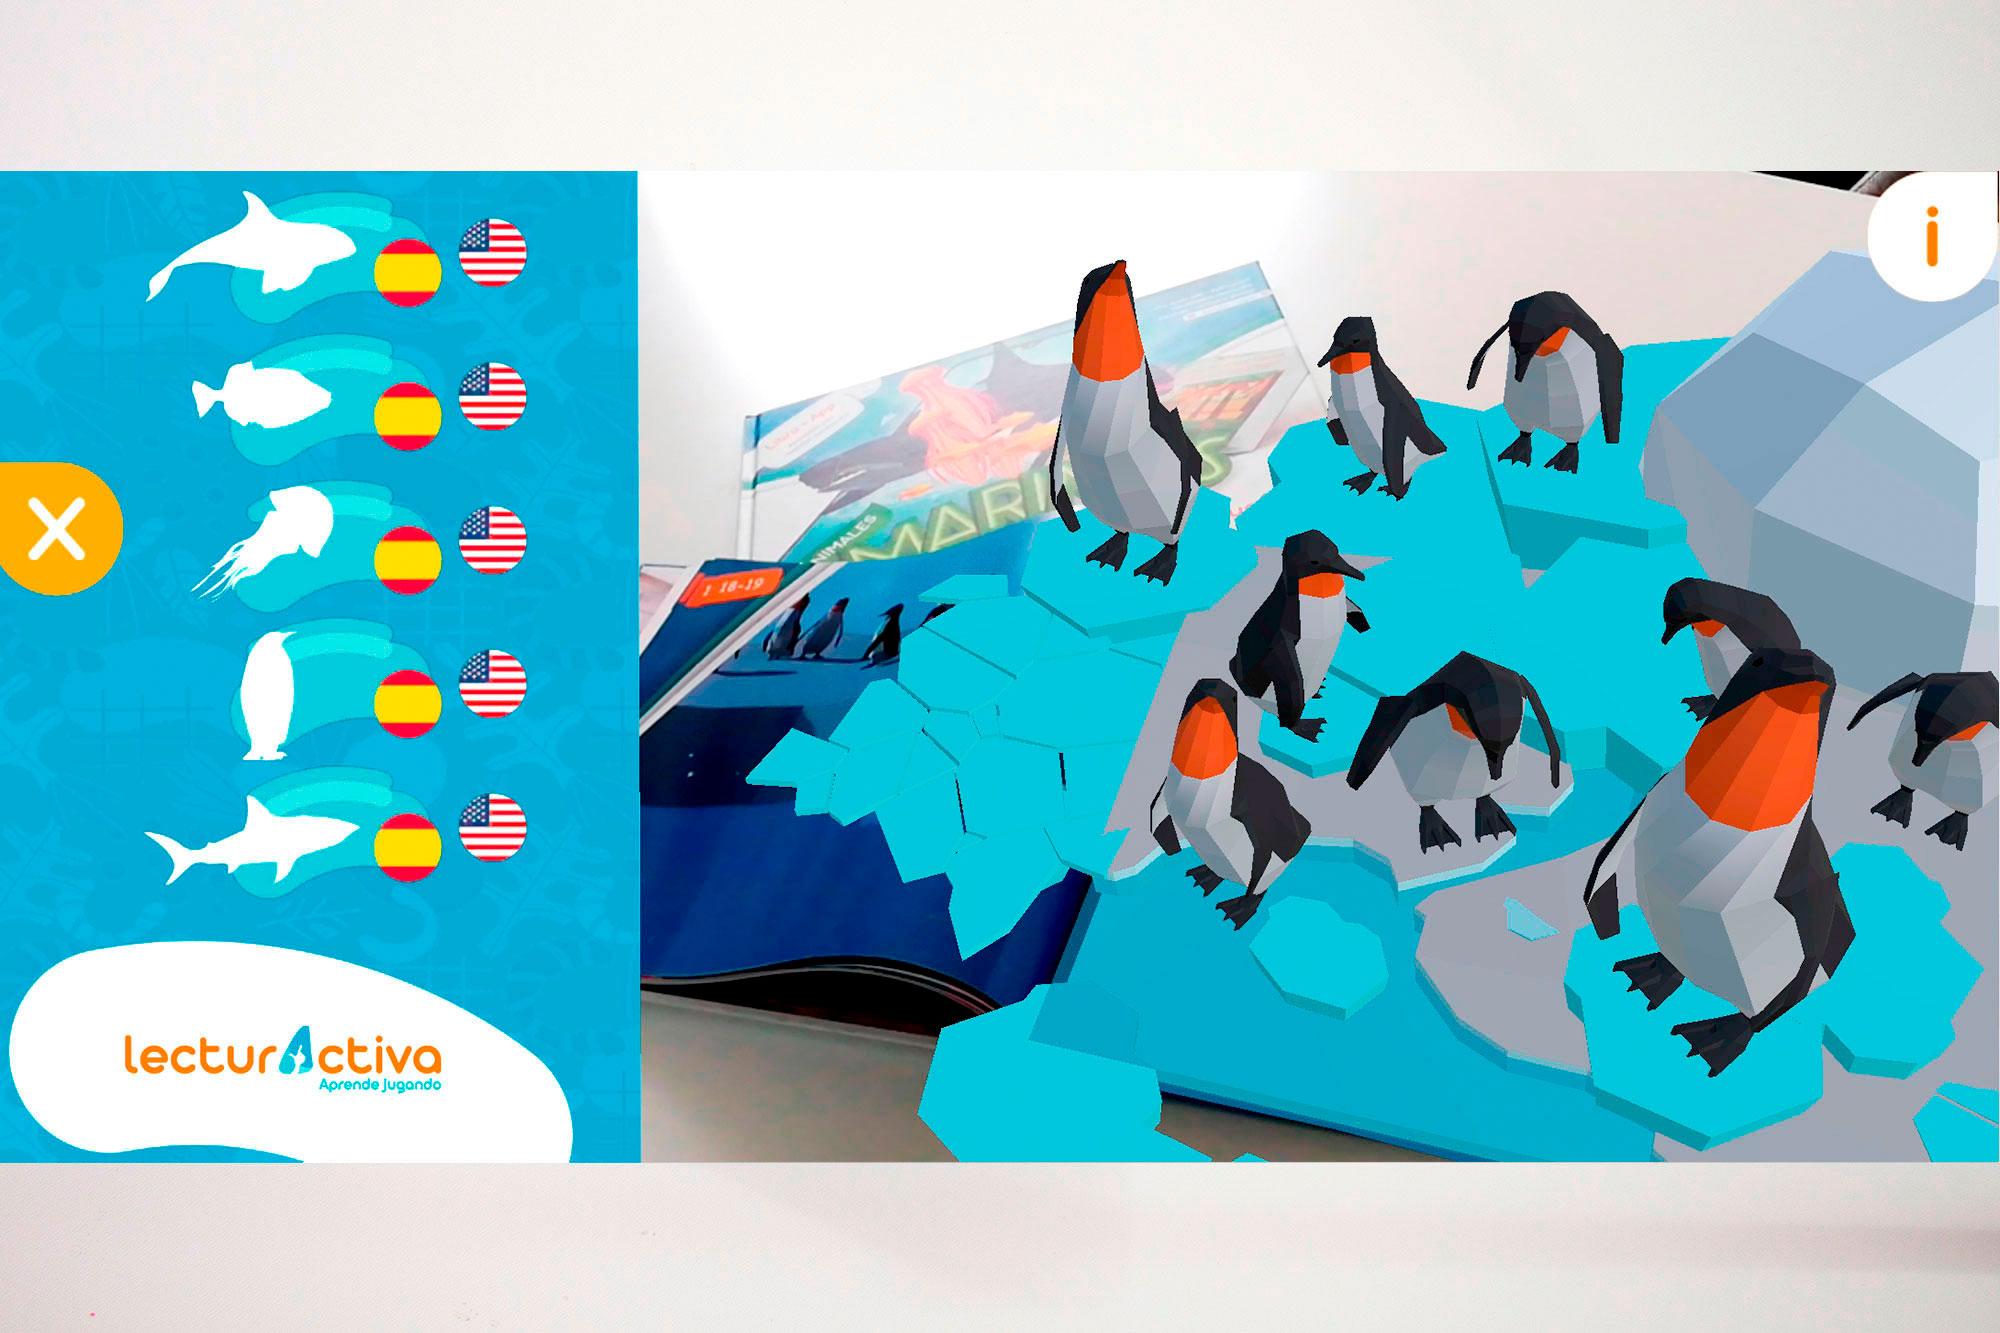 libros-interactivos-bilingues-para-niños-y-jovenes-5